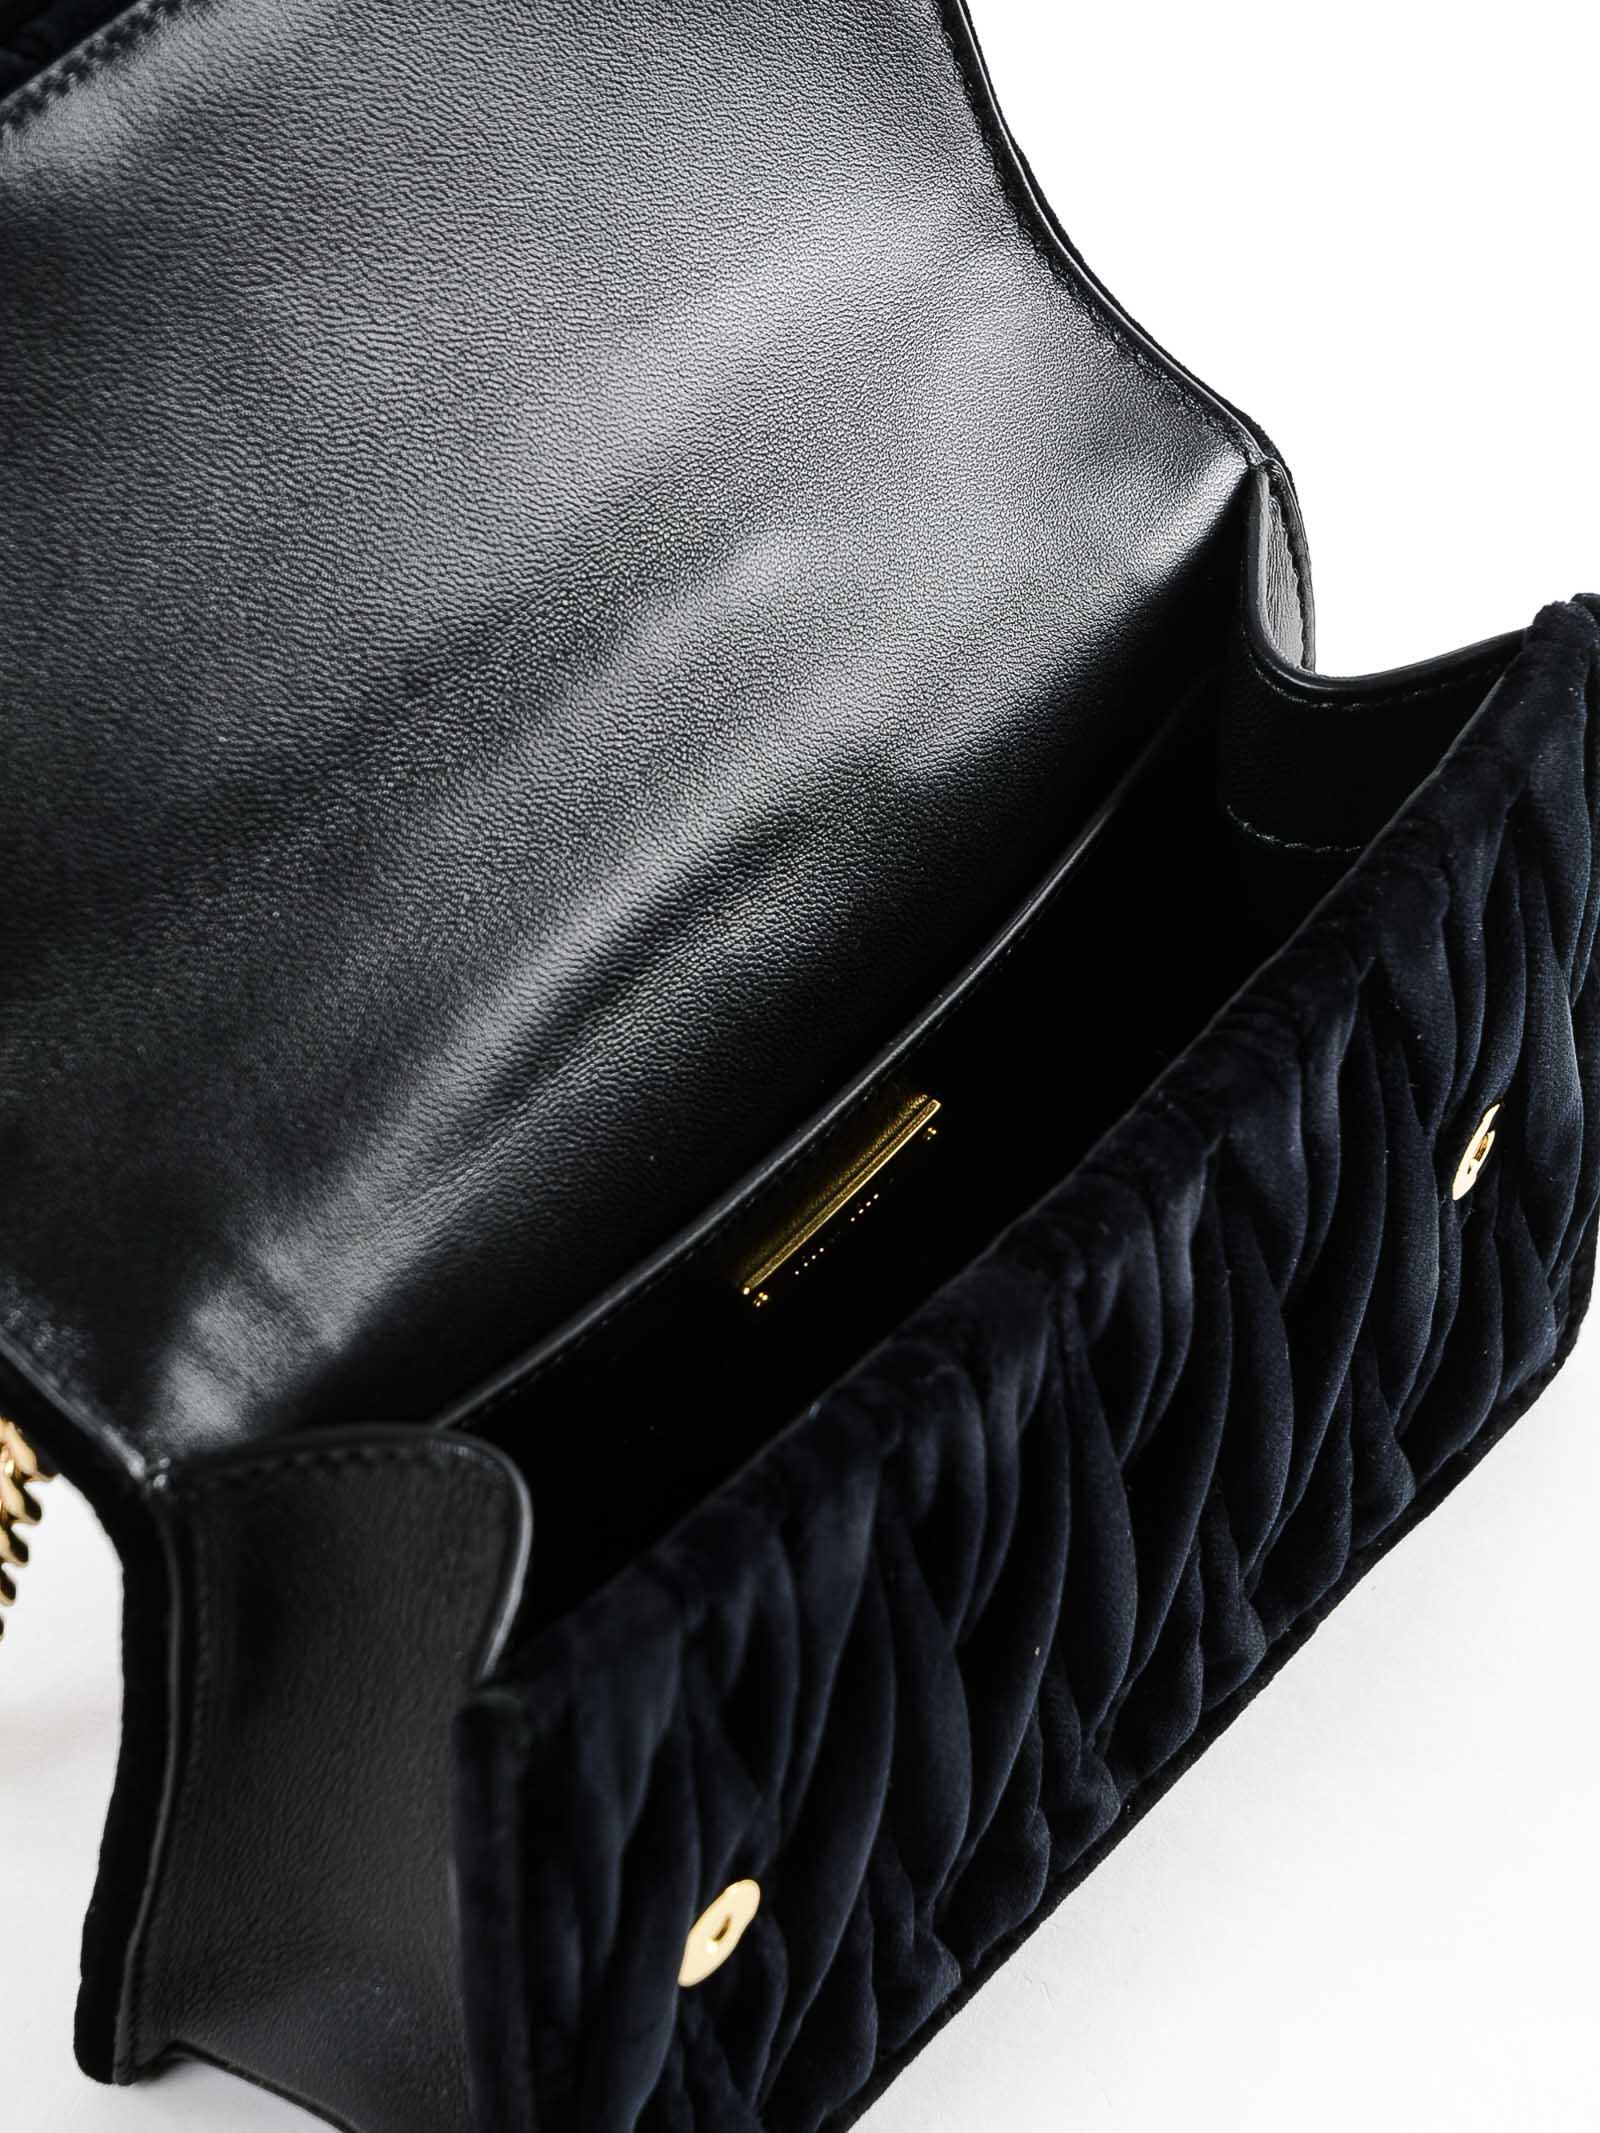 d1be050b1c12 Miu Miu - Black Velvet Crossbody Bag - Lyst. View fullscreen